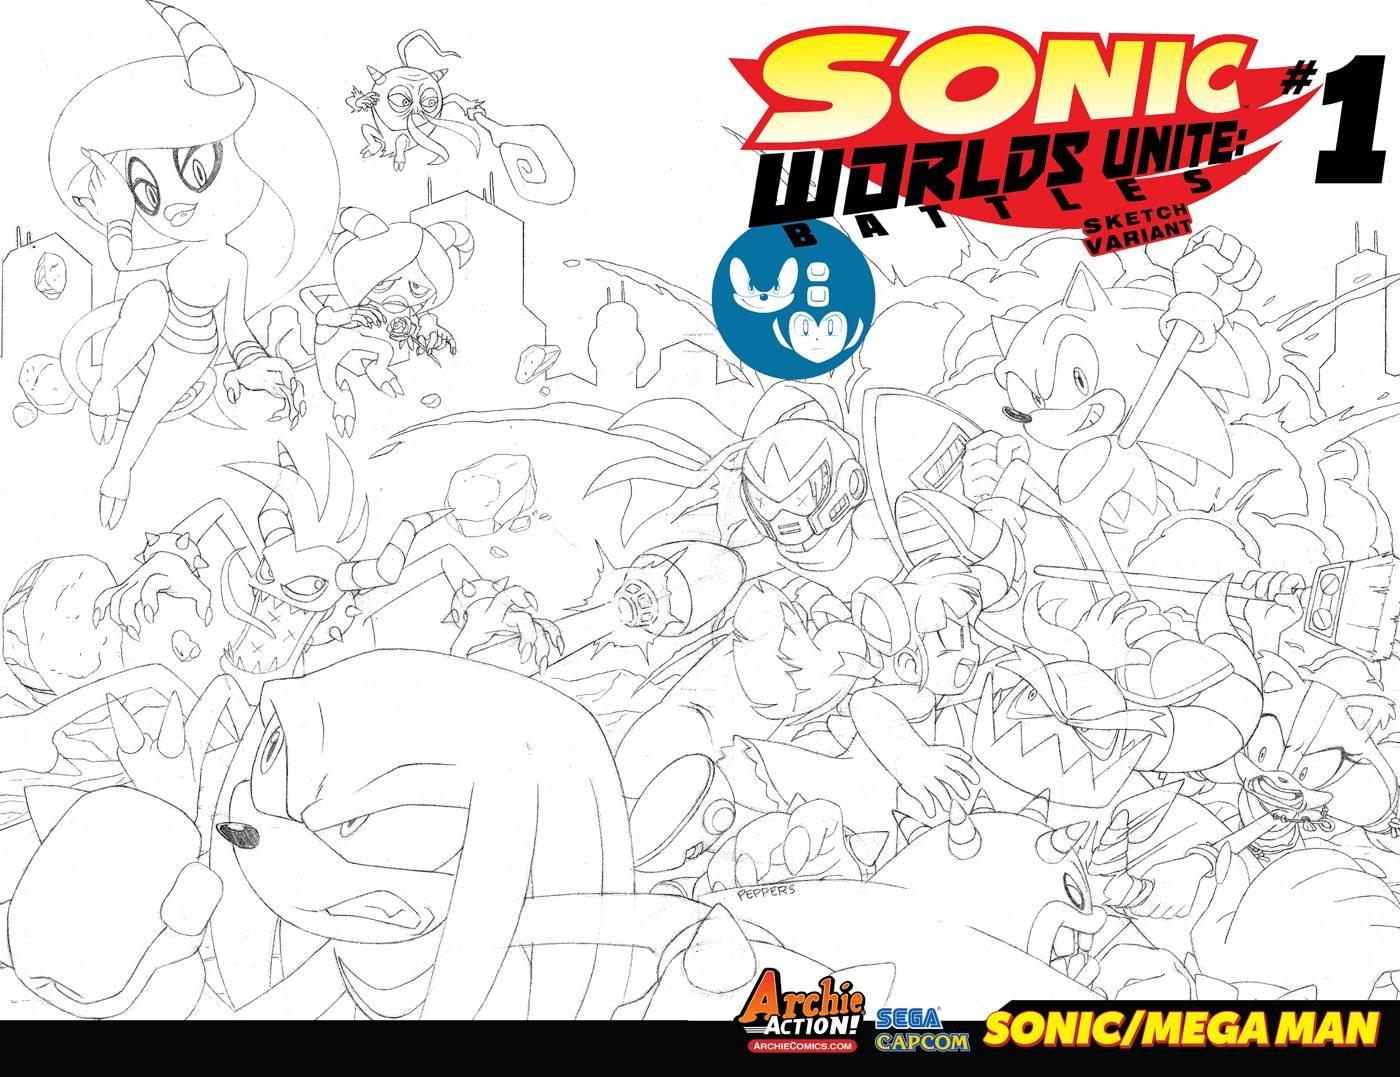 Sonic the Hedgehog - Worlds Unite: Battles (September 2015) (variant 2)